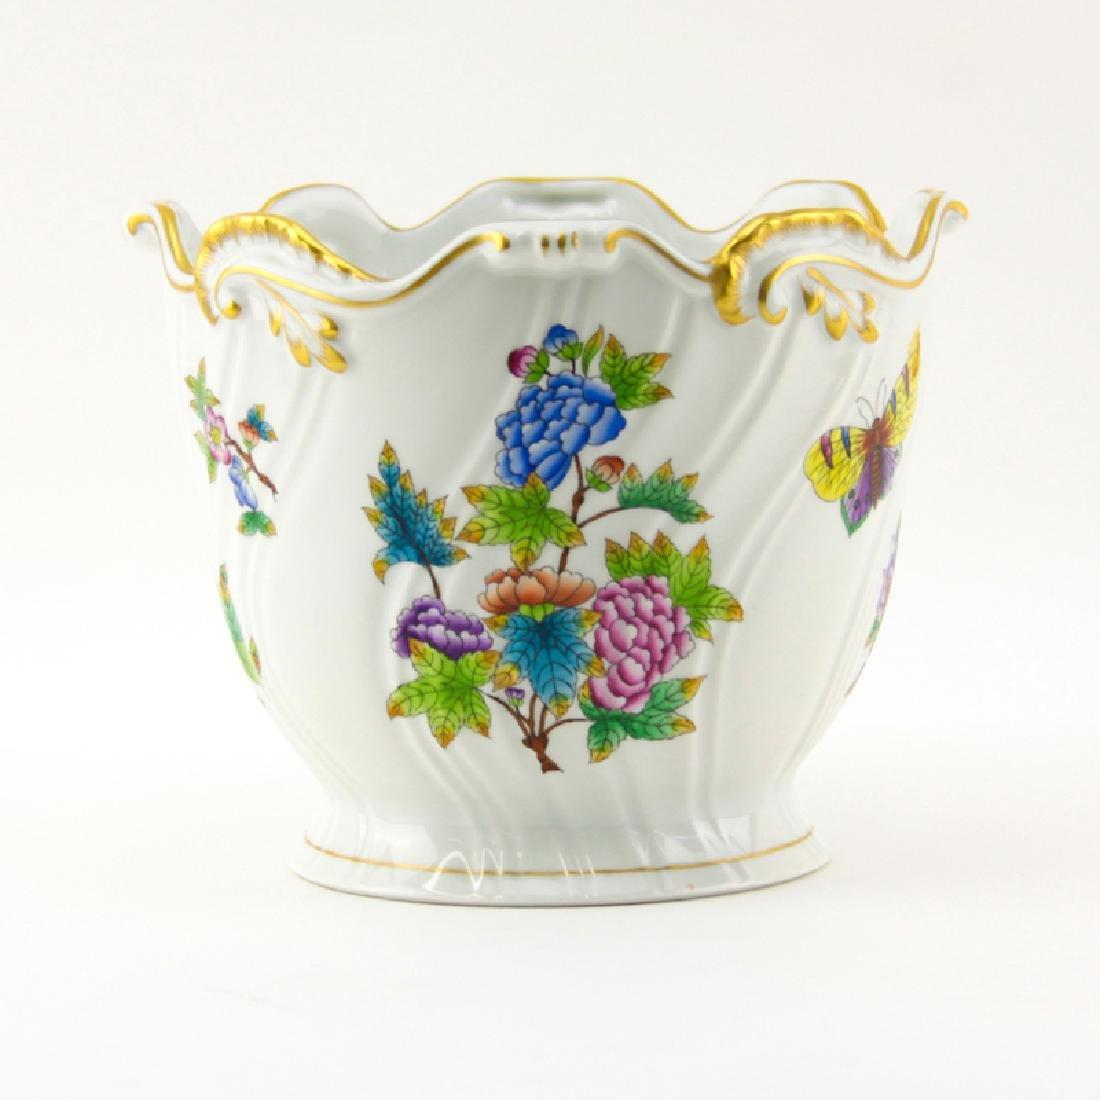 Herend Queen Victoria Handpainted Porcelain Cachepot